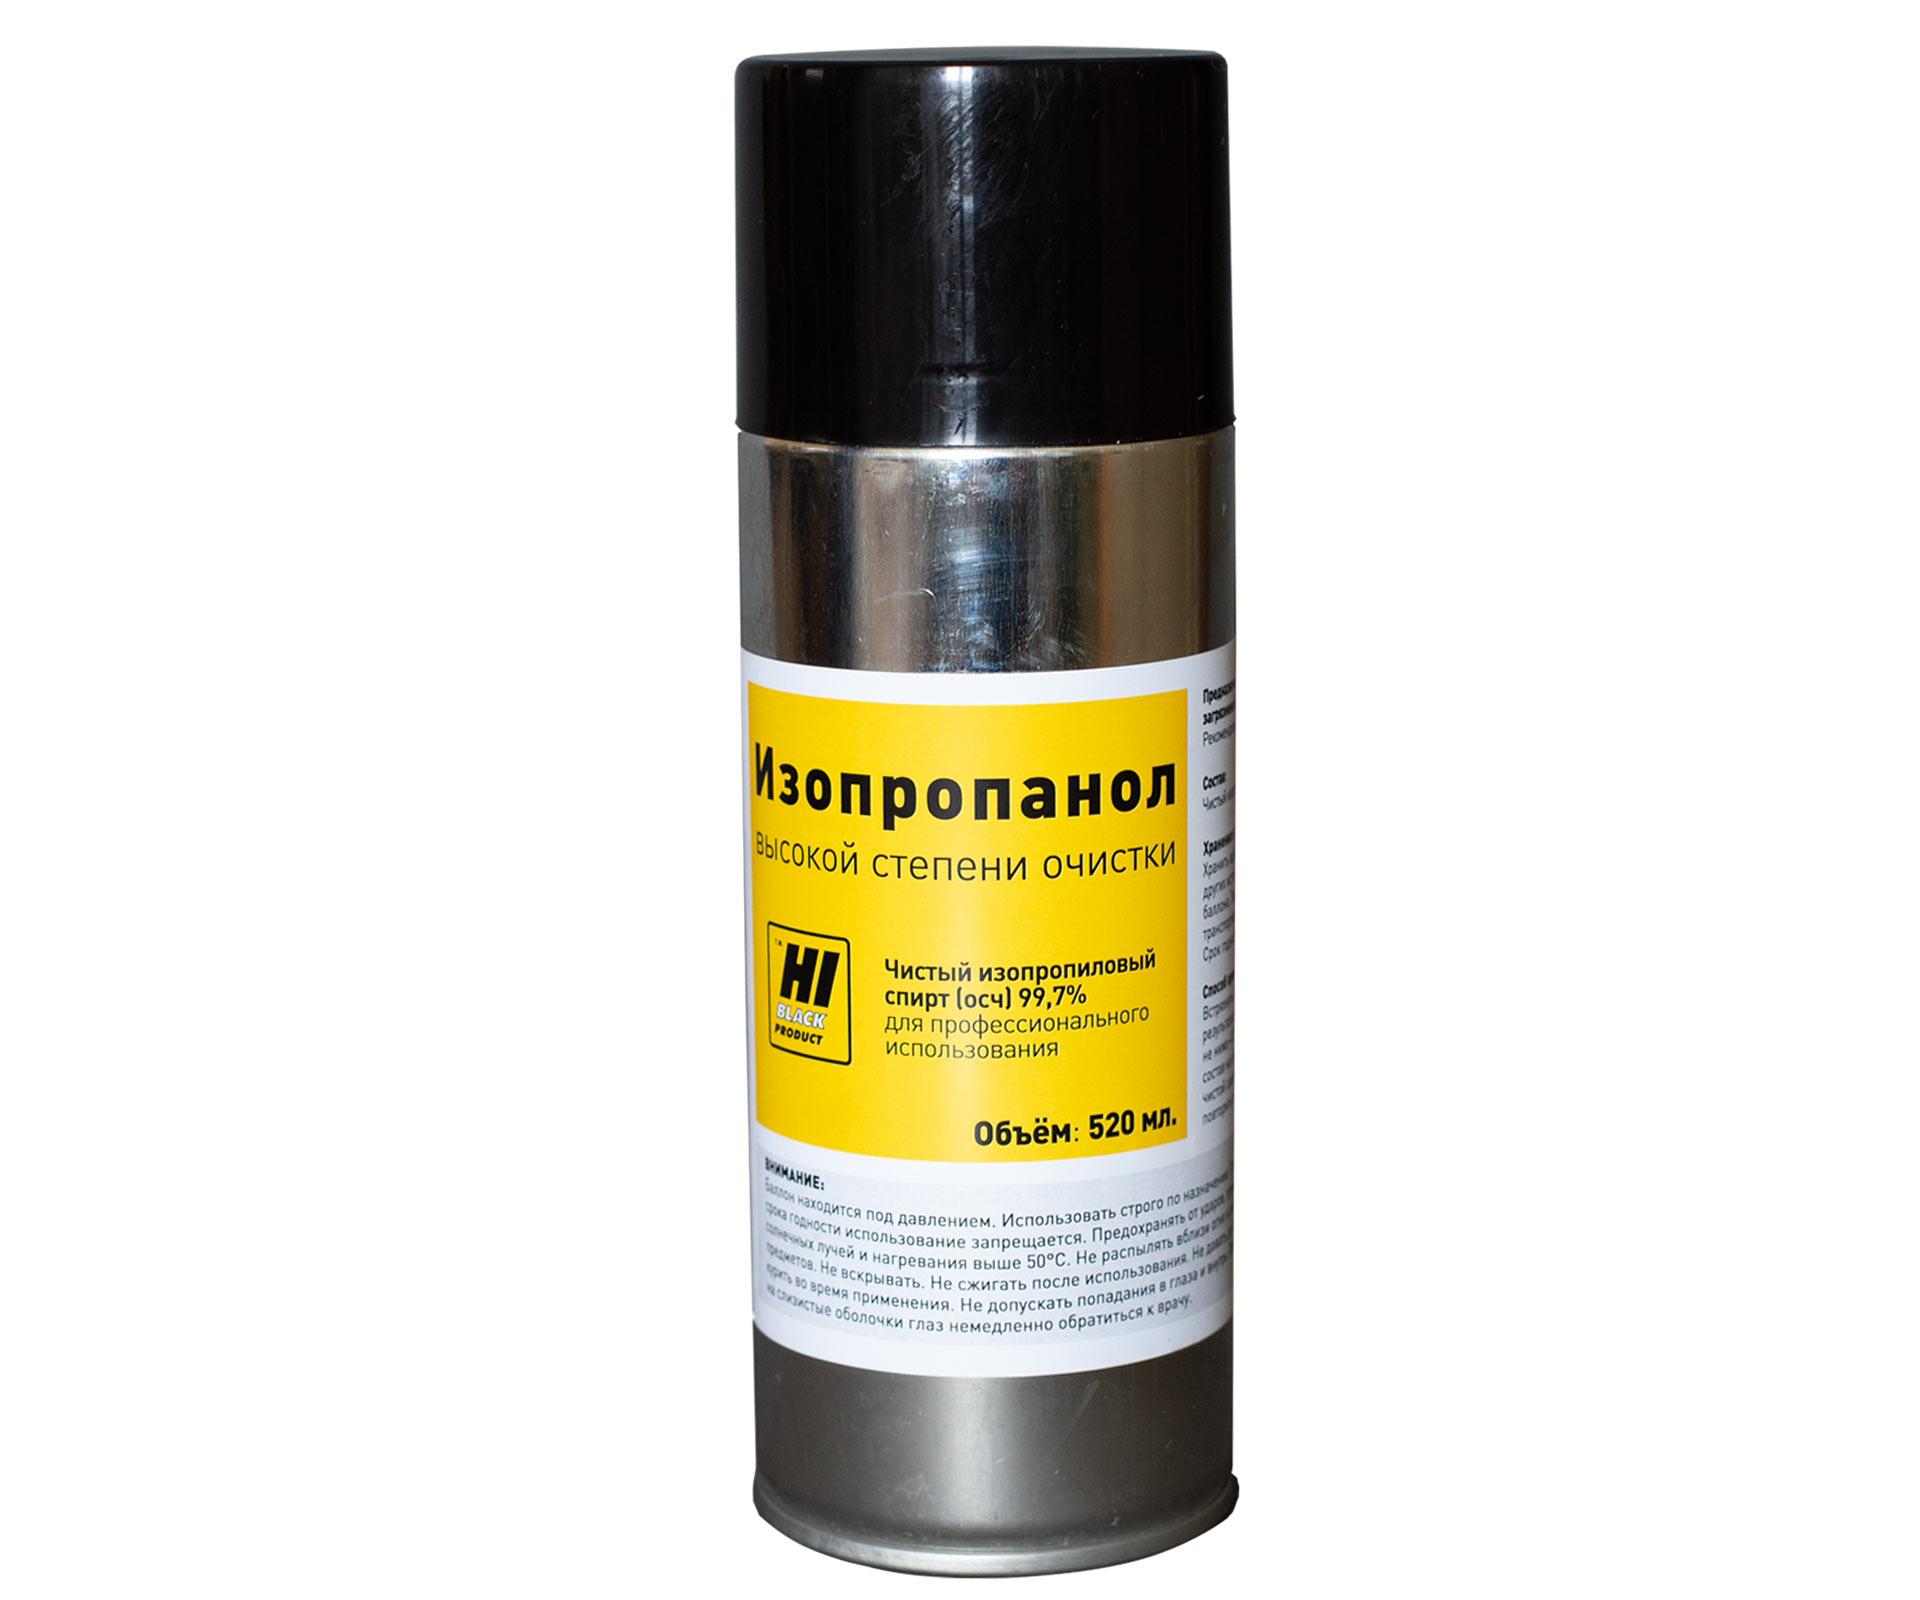 Изопропанол Hi-Black высокой степени очистки, 520 мл, аэрозоль